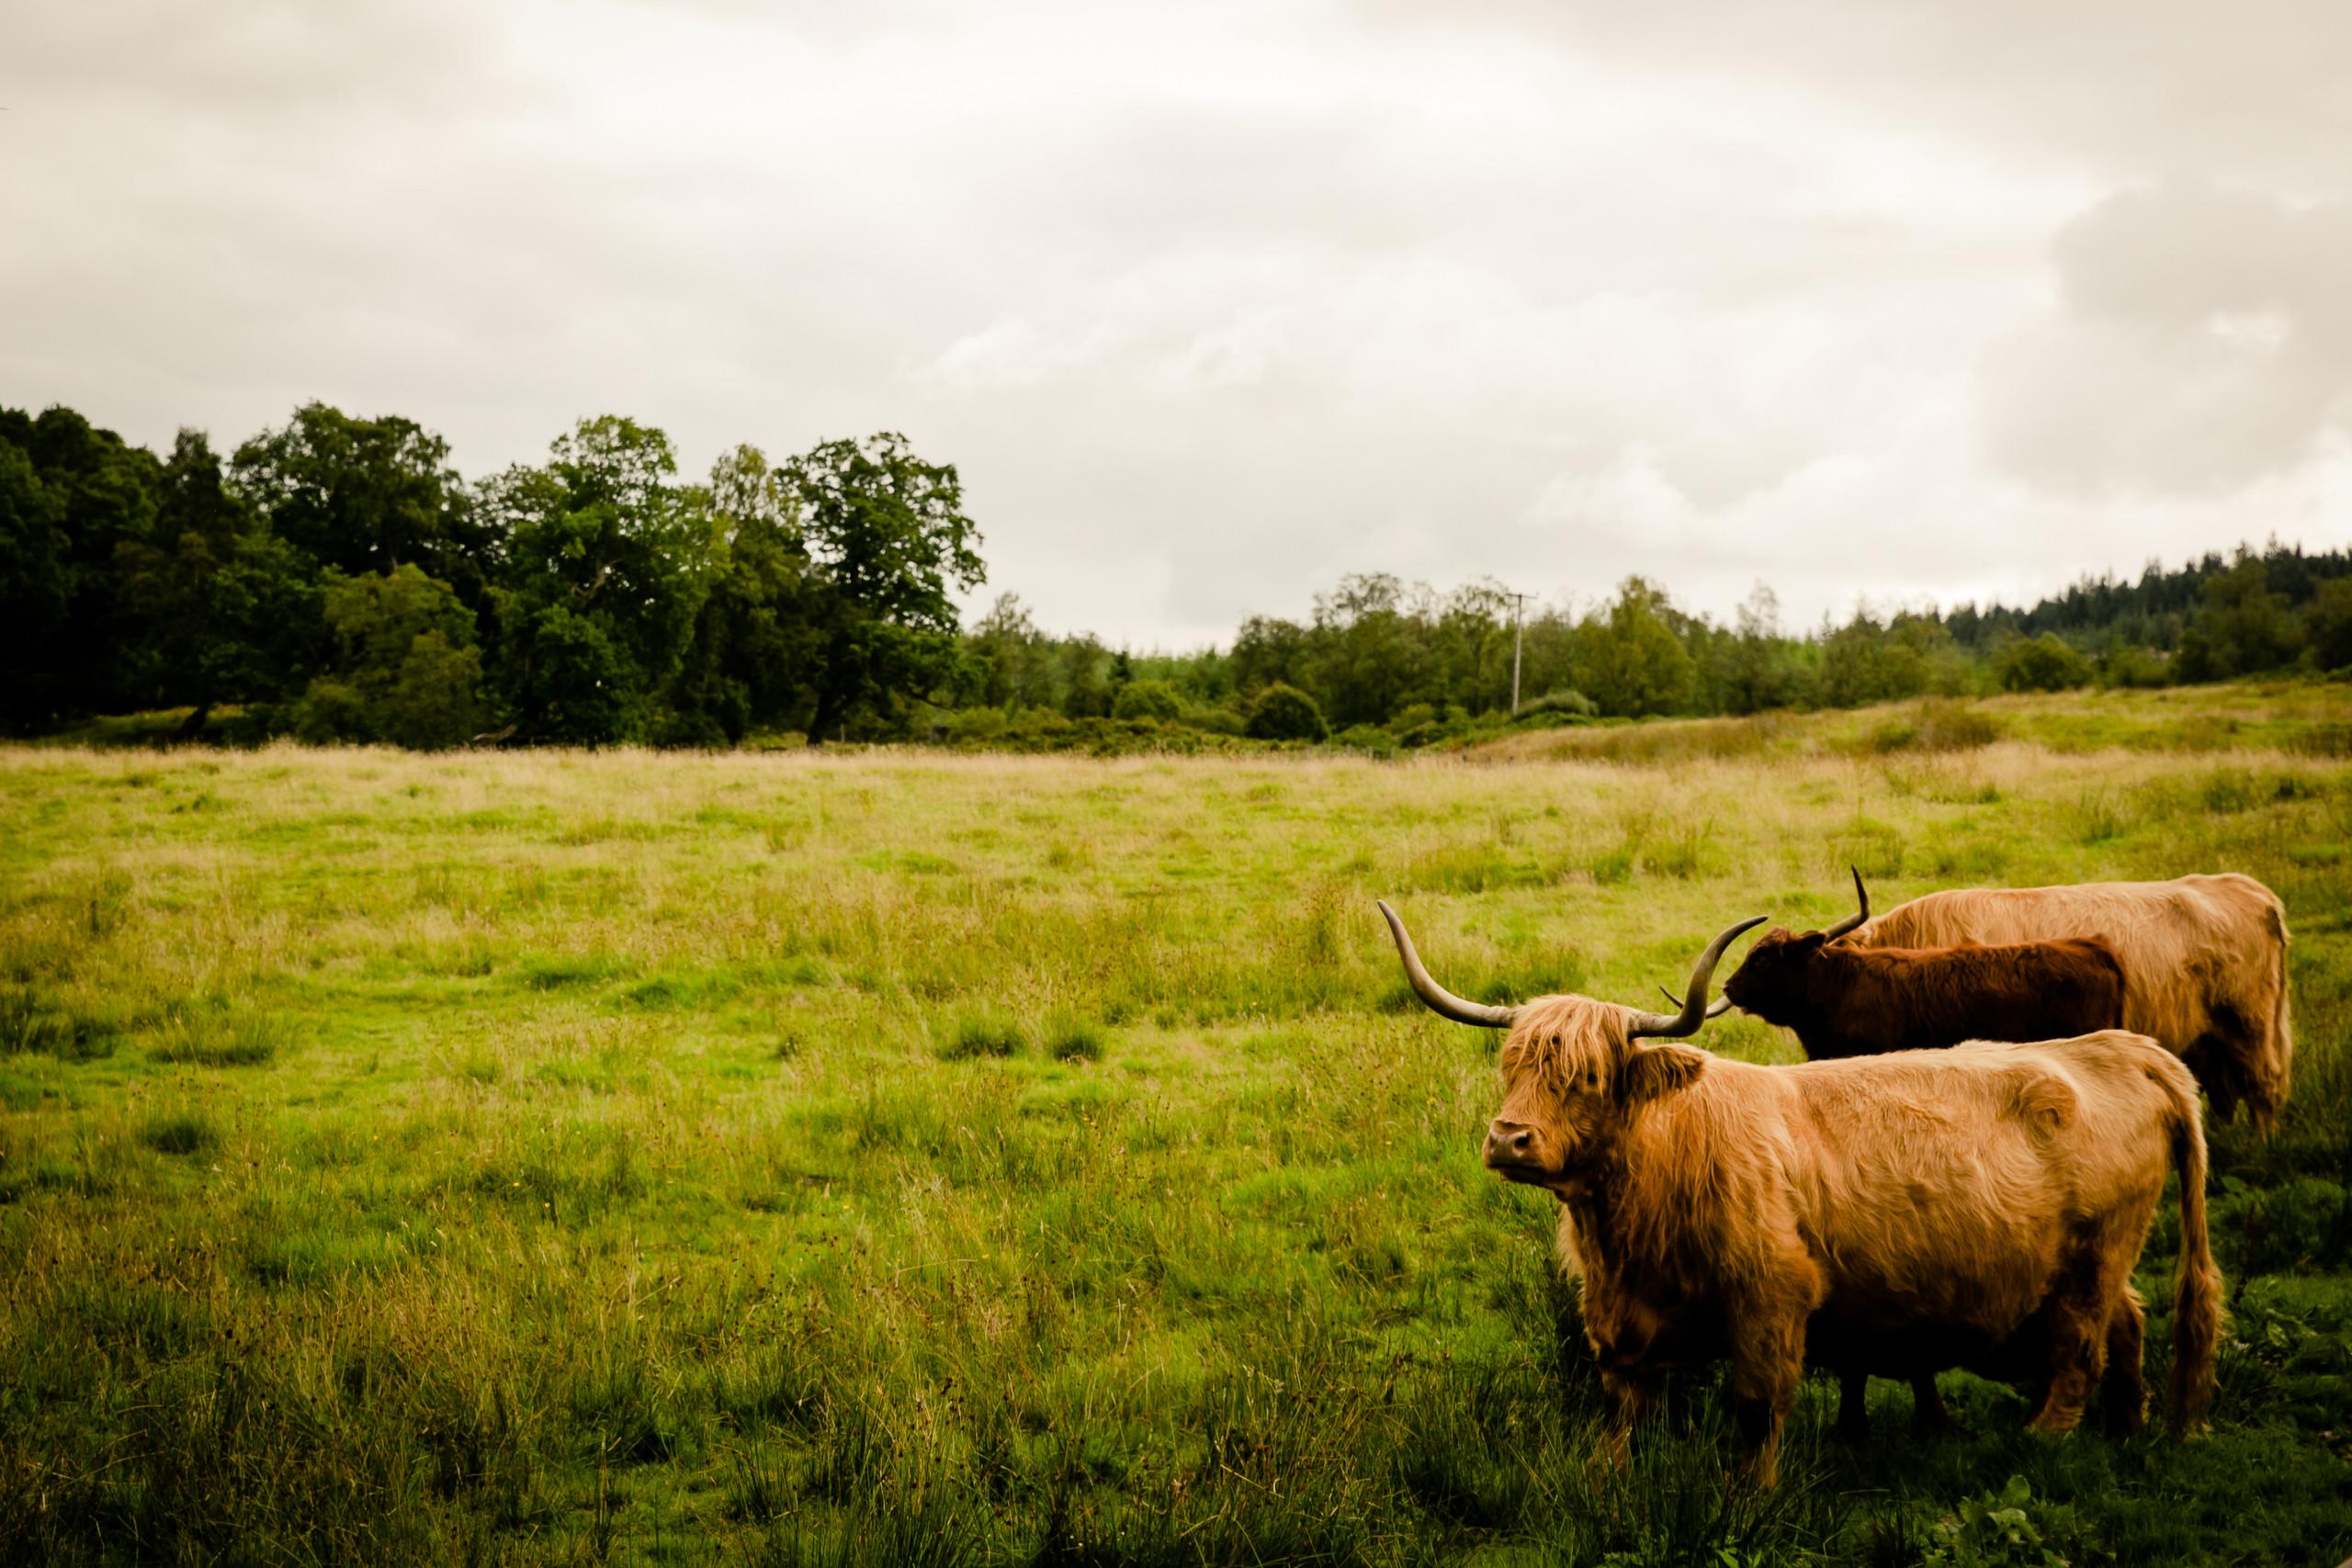 Scottish Highland cows. Cows, Scotland, landscapes, details